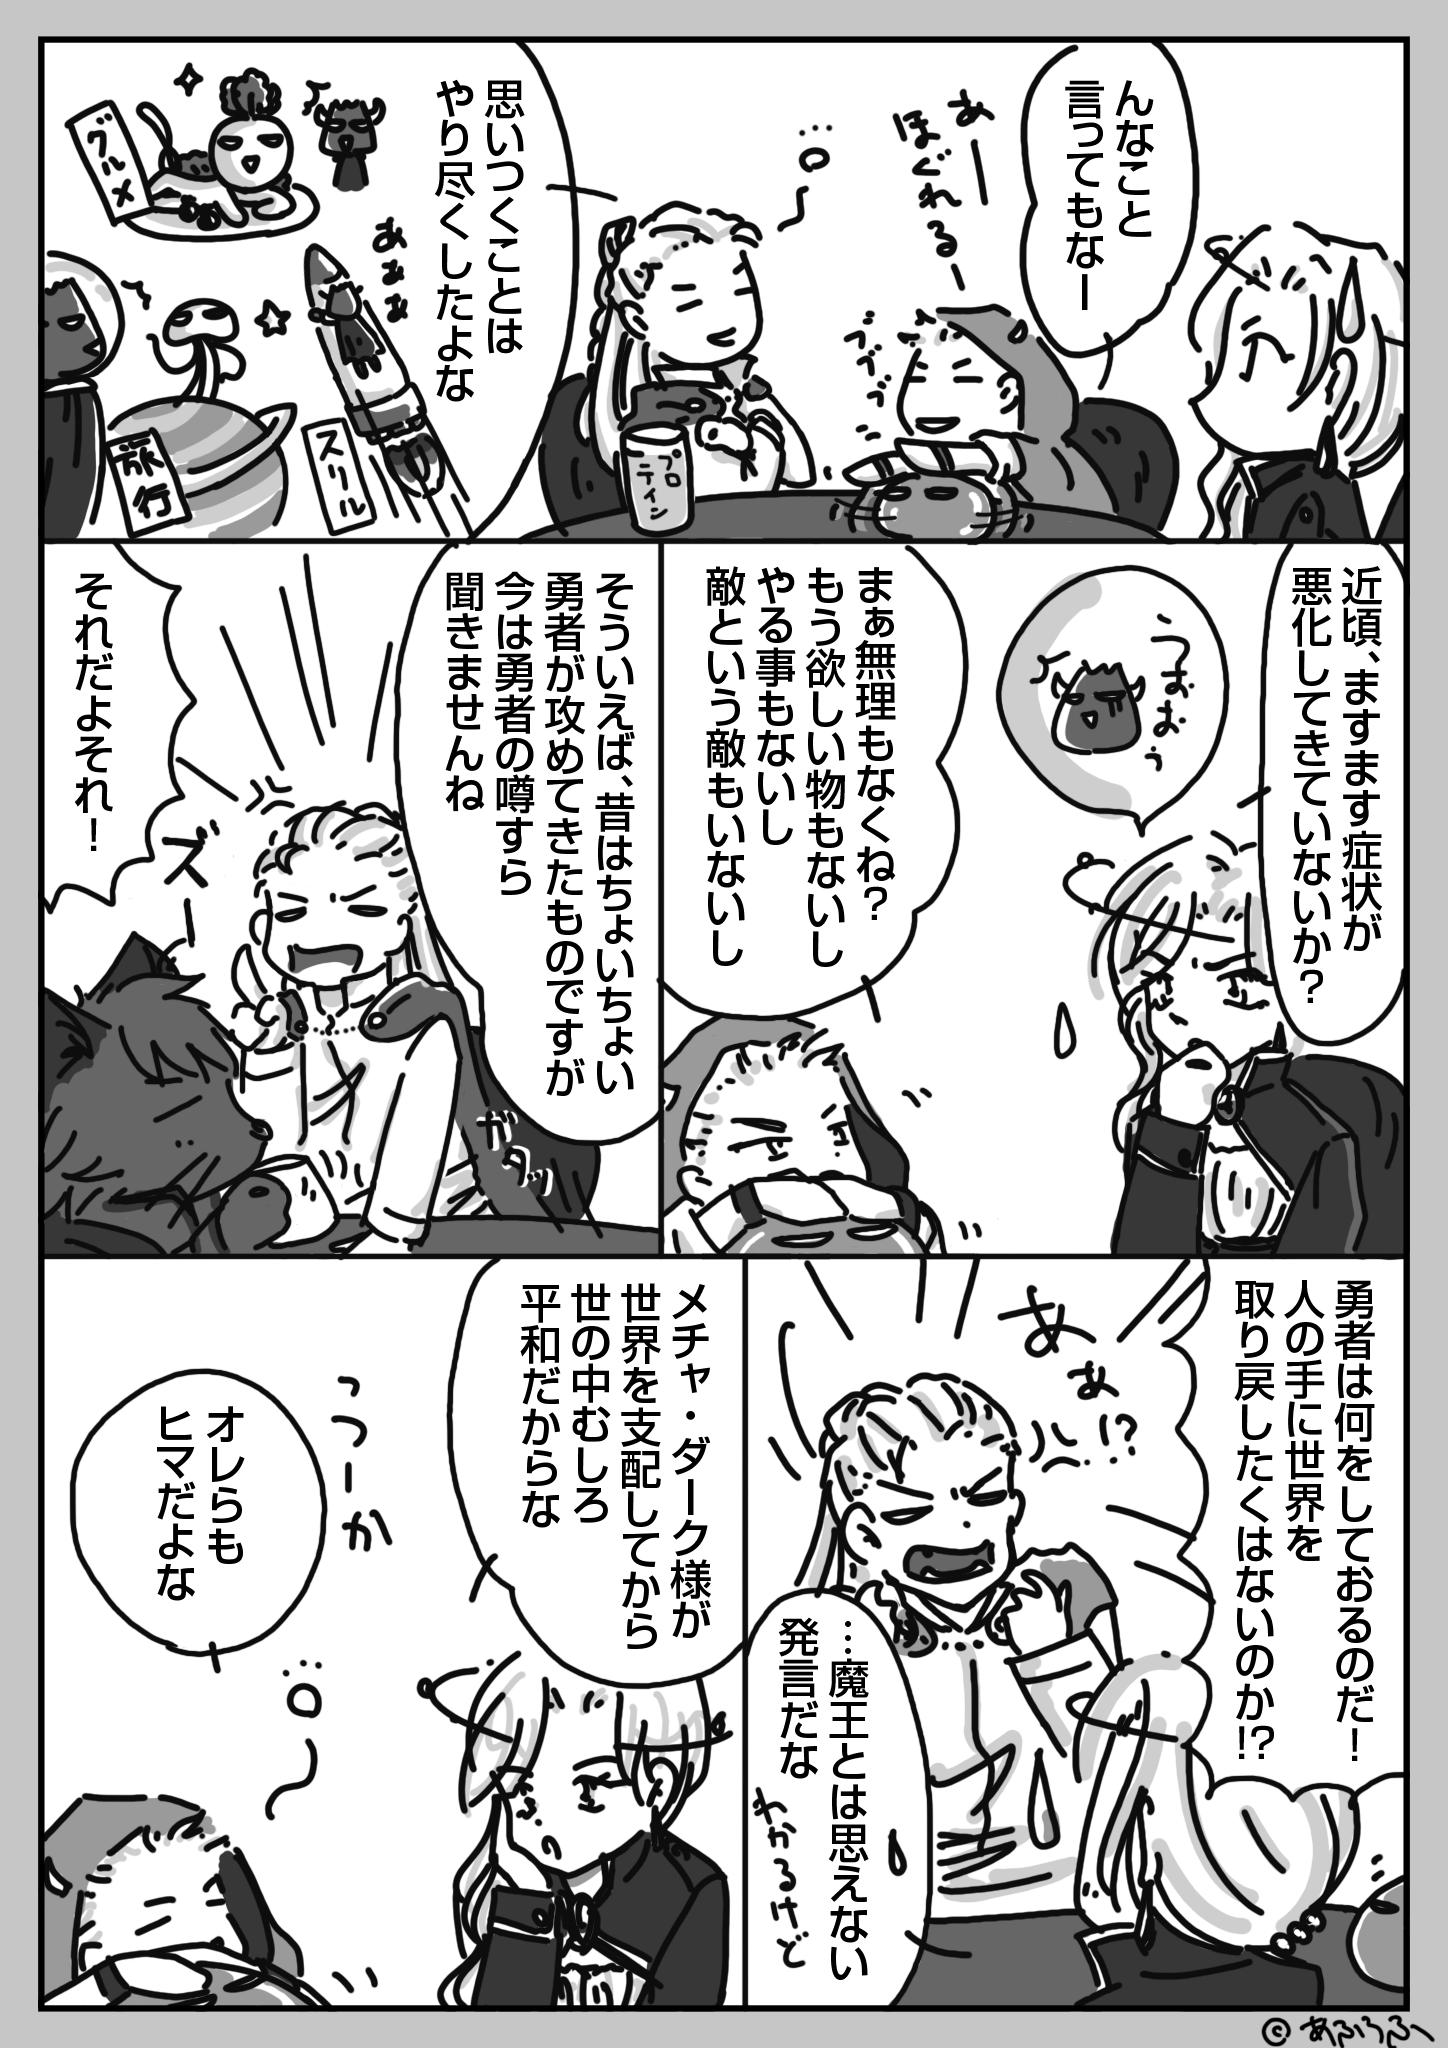 1話(4)『大魔王メチャ・ダークとゆかいな魔王たち』